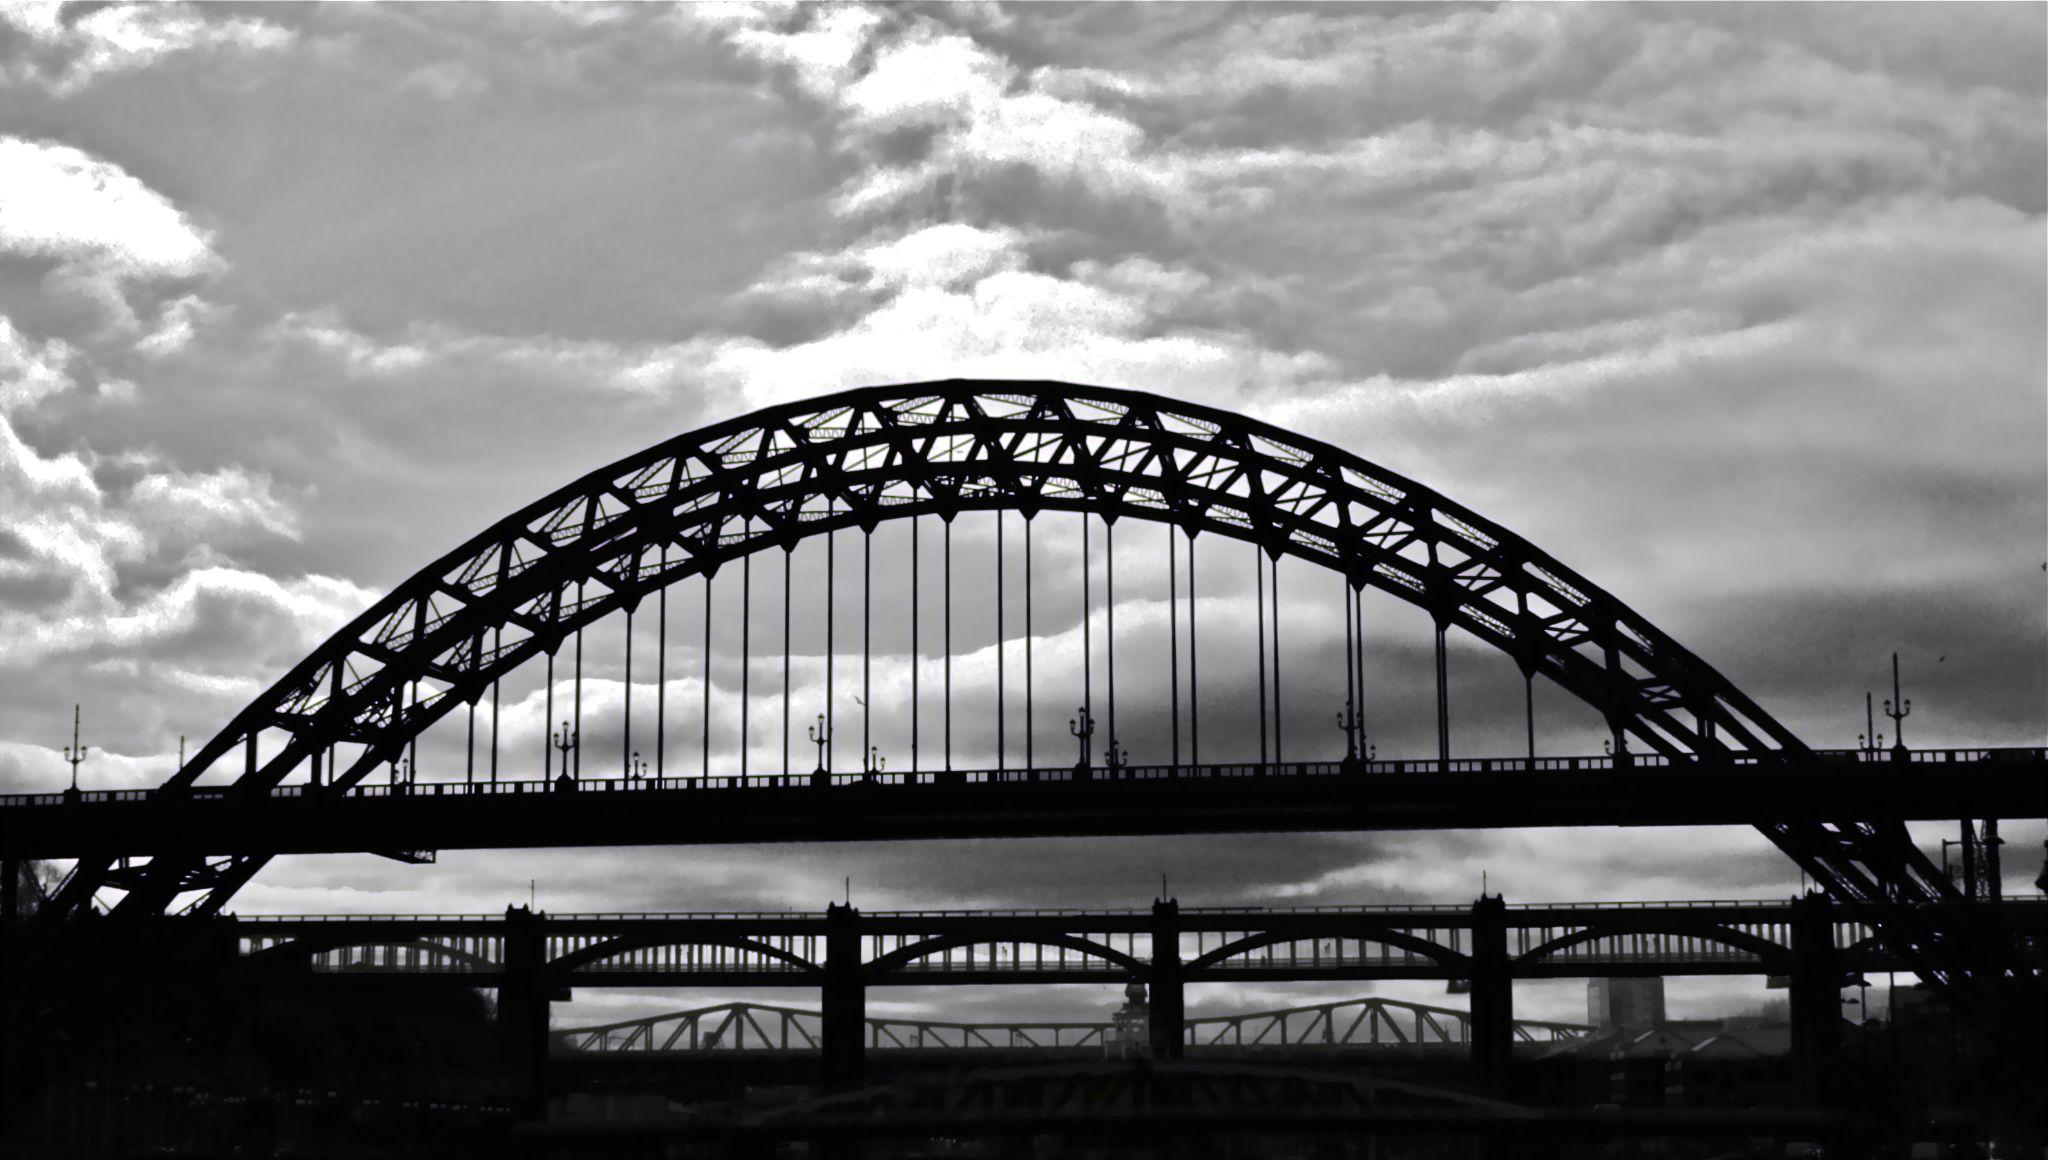 Newcastle_38  by Randy Dorman